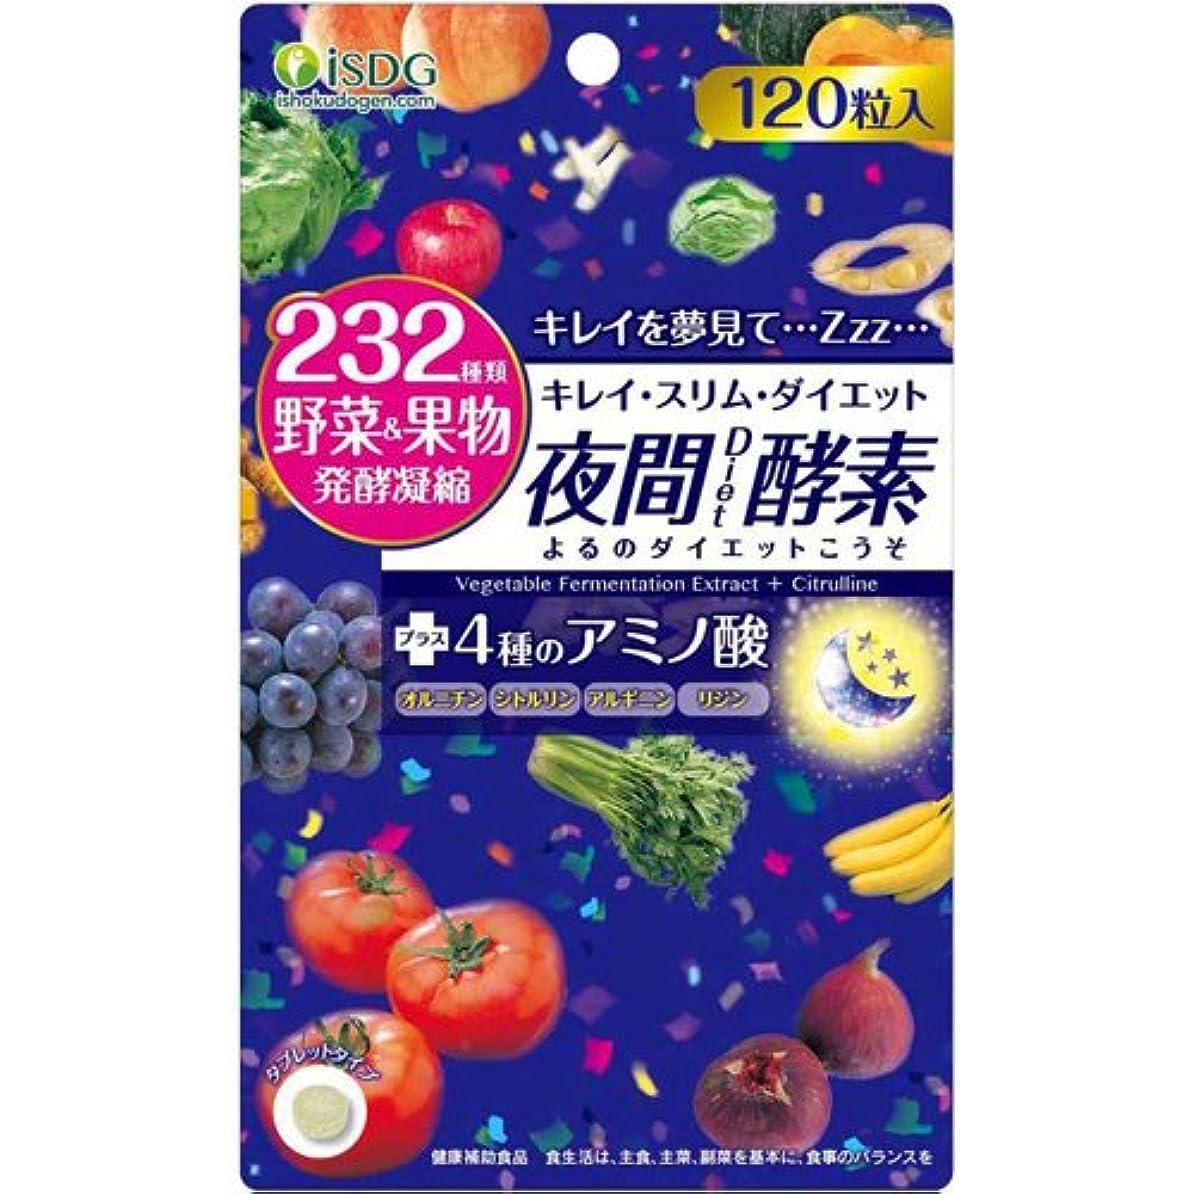 建てるオーケストラメイエラISDG 医食同源ドットコム 夜間 Diet 酵素 サプリメント [ 232種類 野菜 果物 発酵凝縮 アミノ酸 4種 ] 310mg×120粒×20個